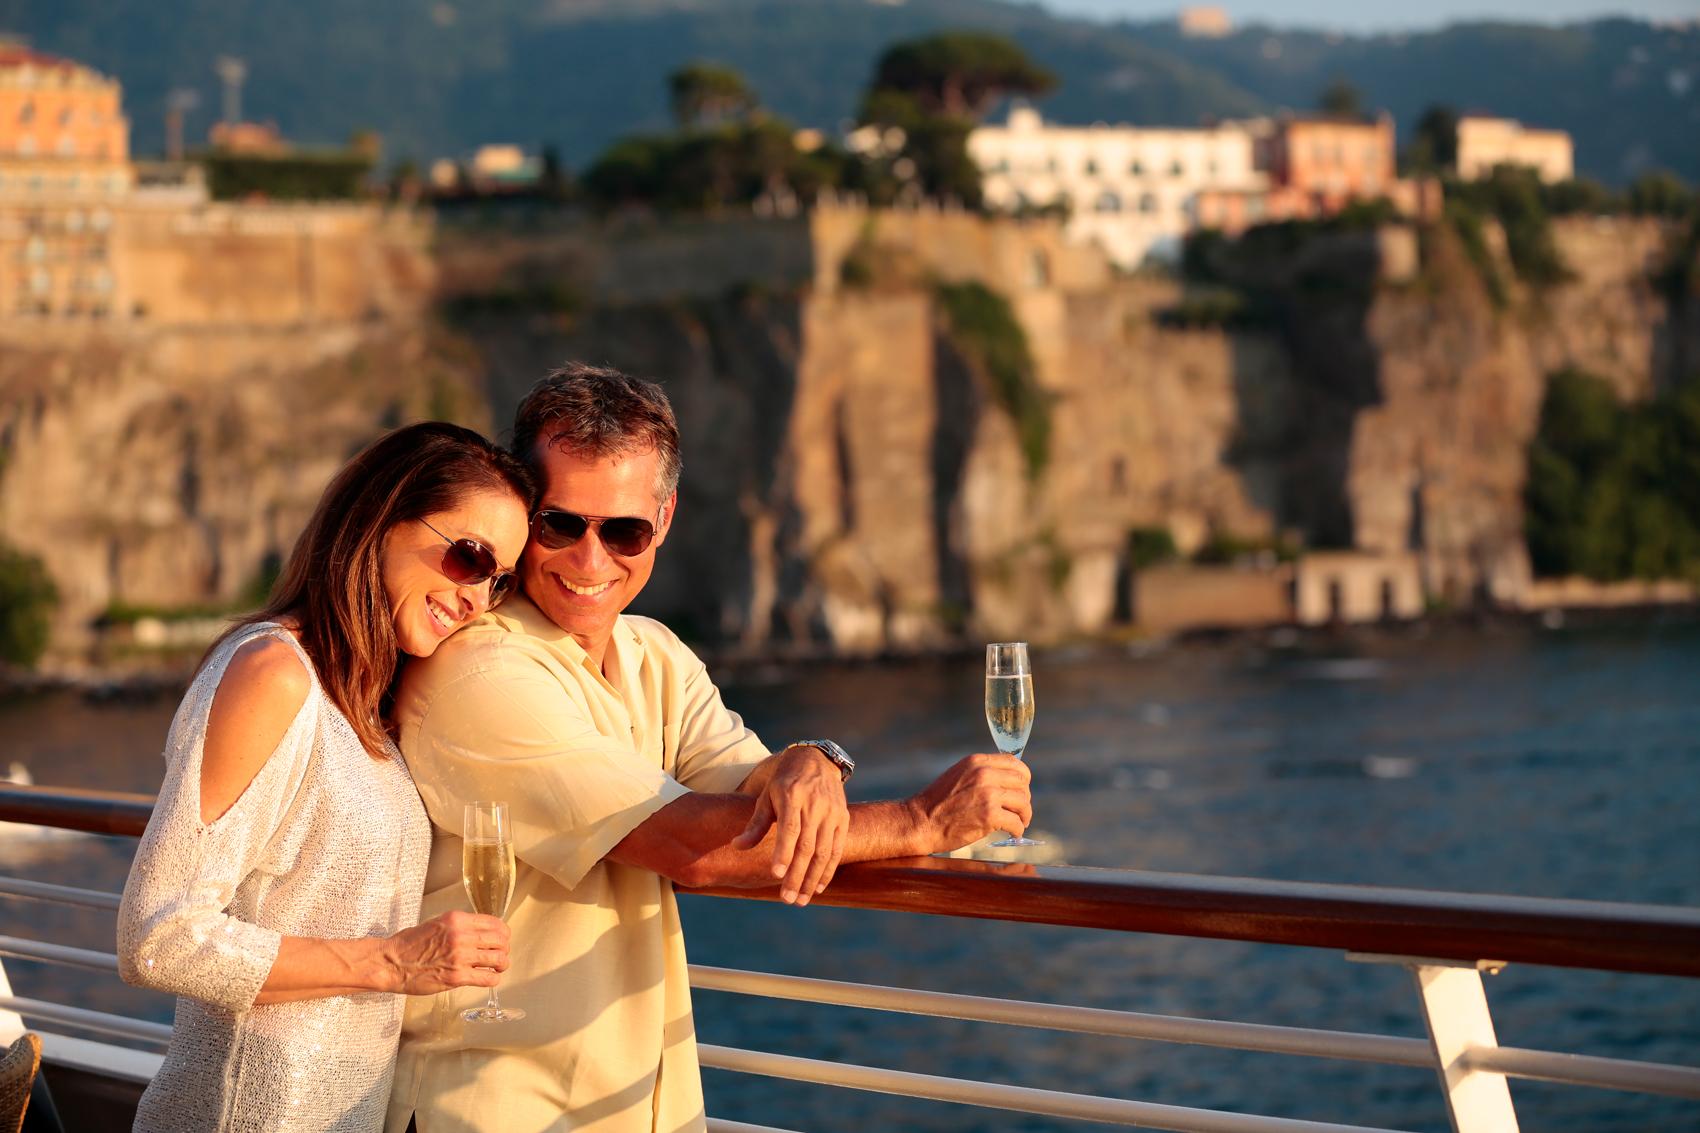 Luxury Yacht SEA DREAM - Mediterranean